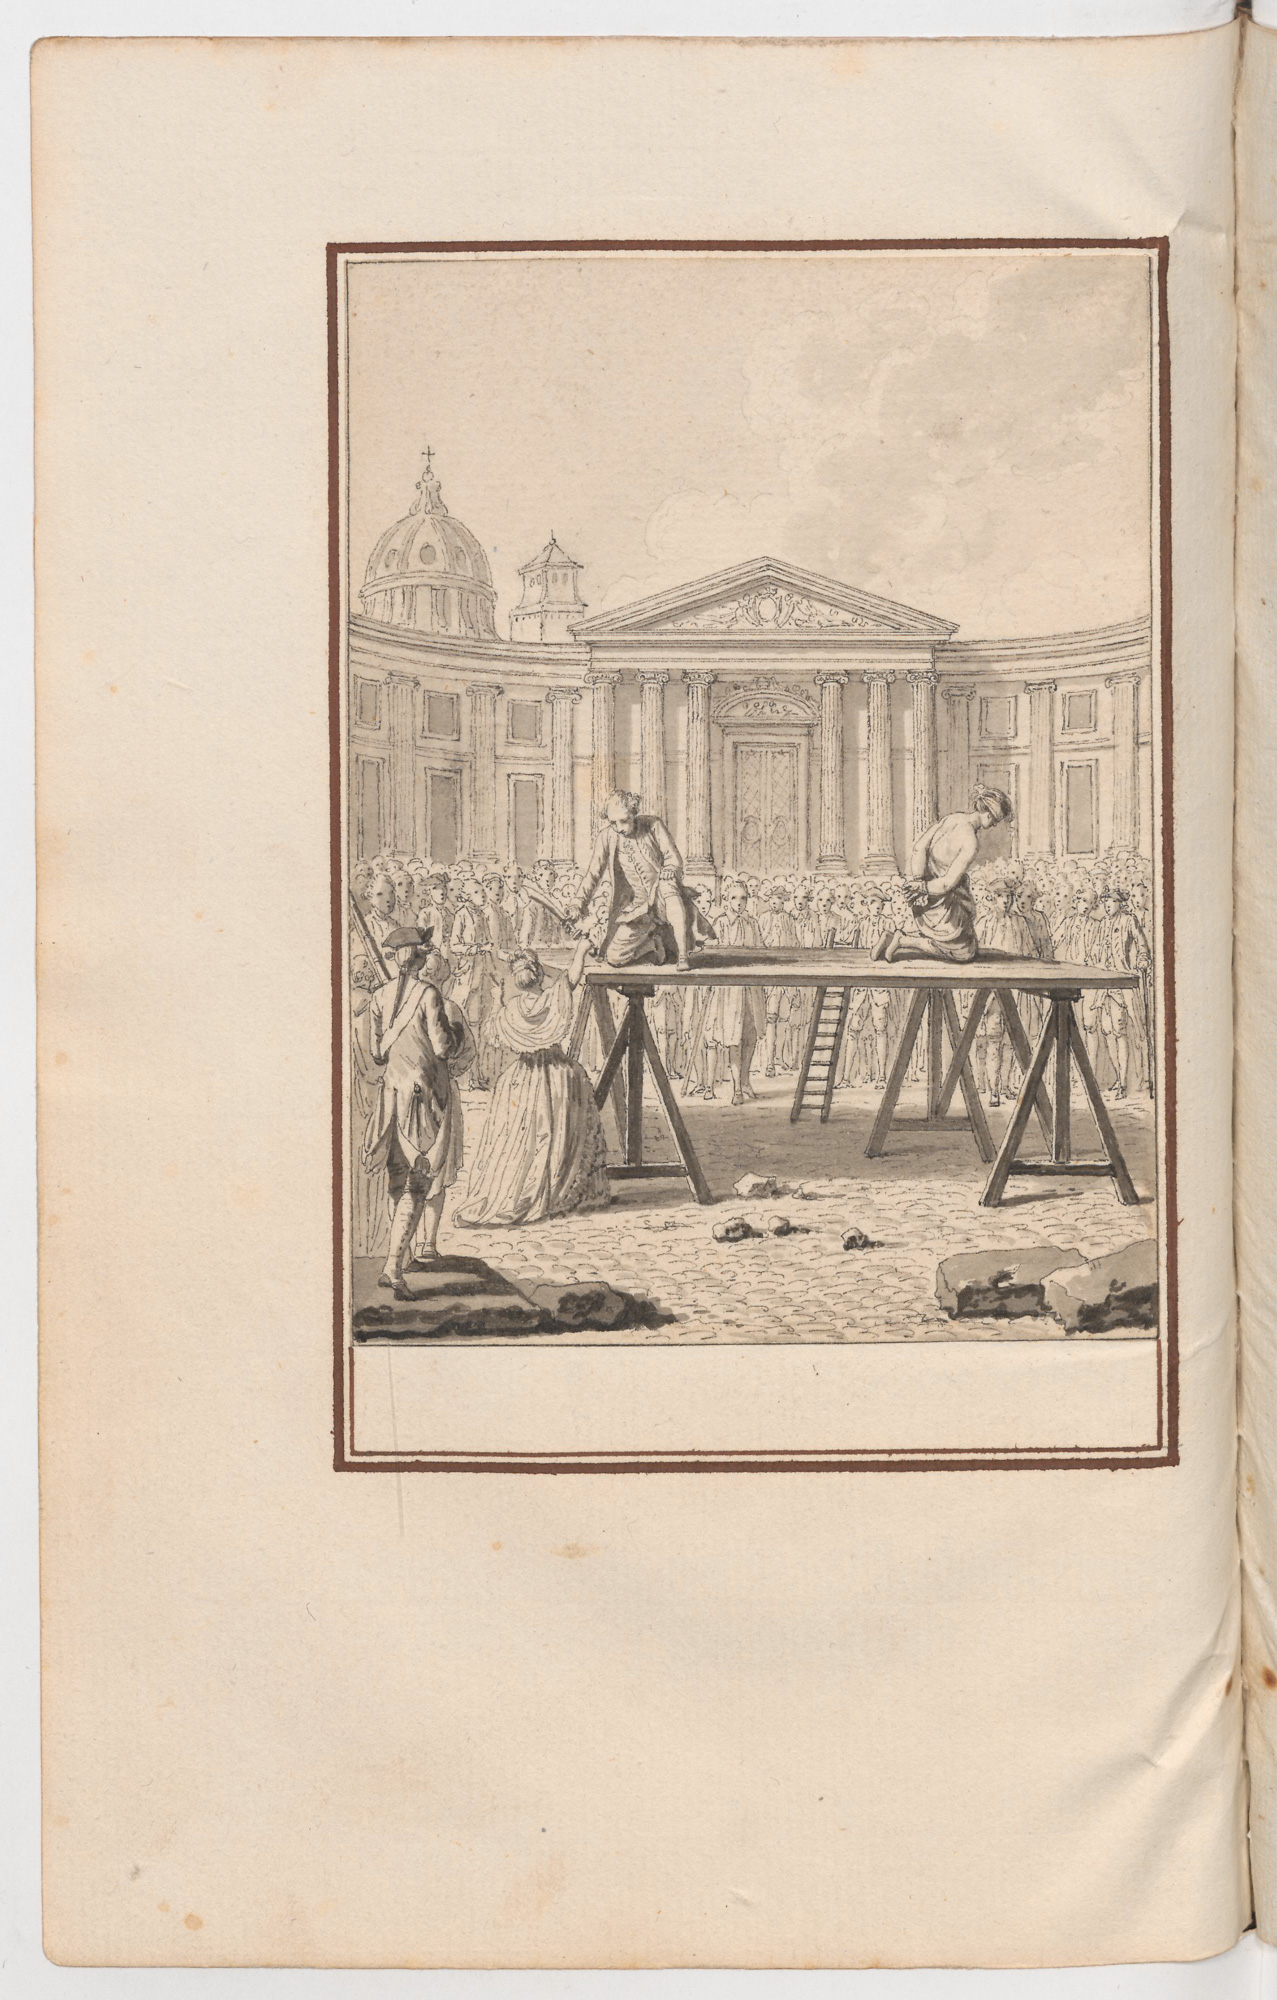 S.4.11 Le mécontent, Chantilly, Image